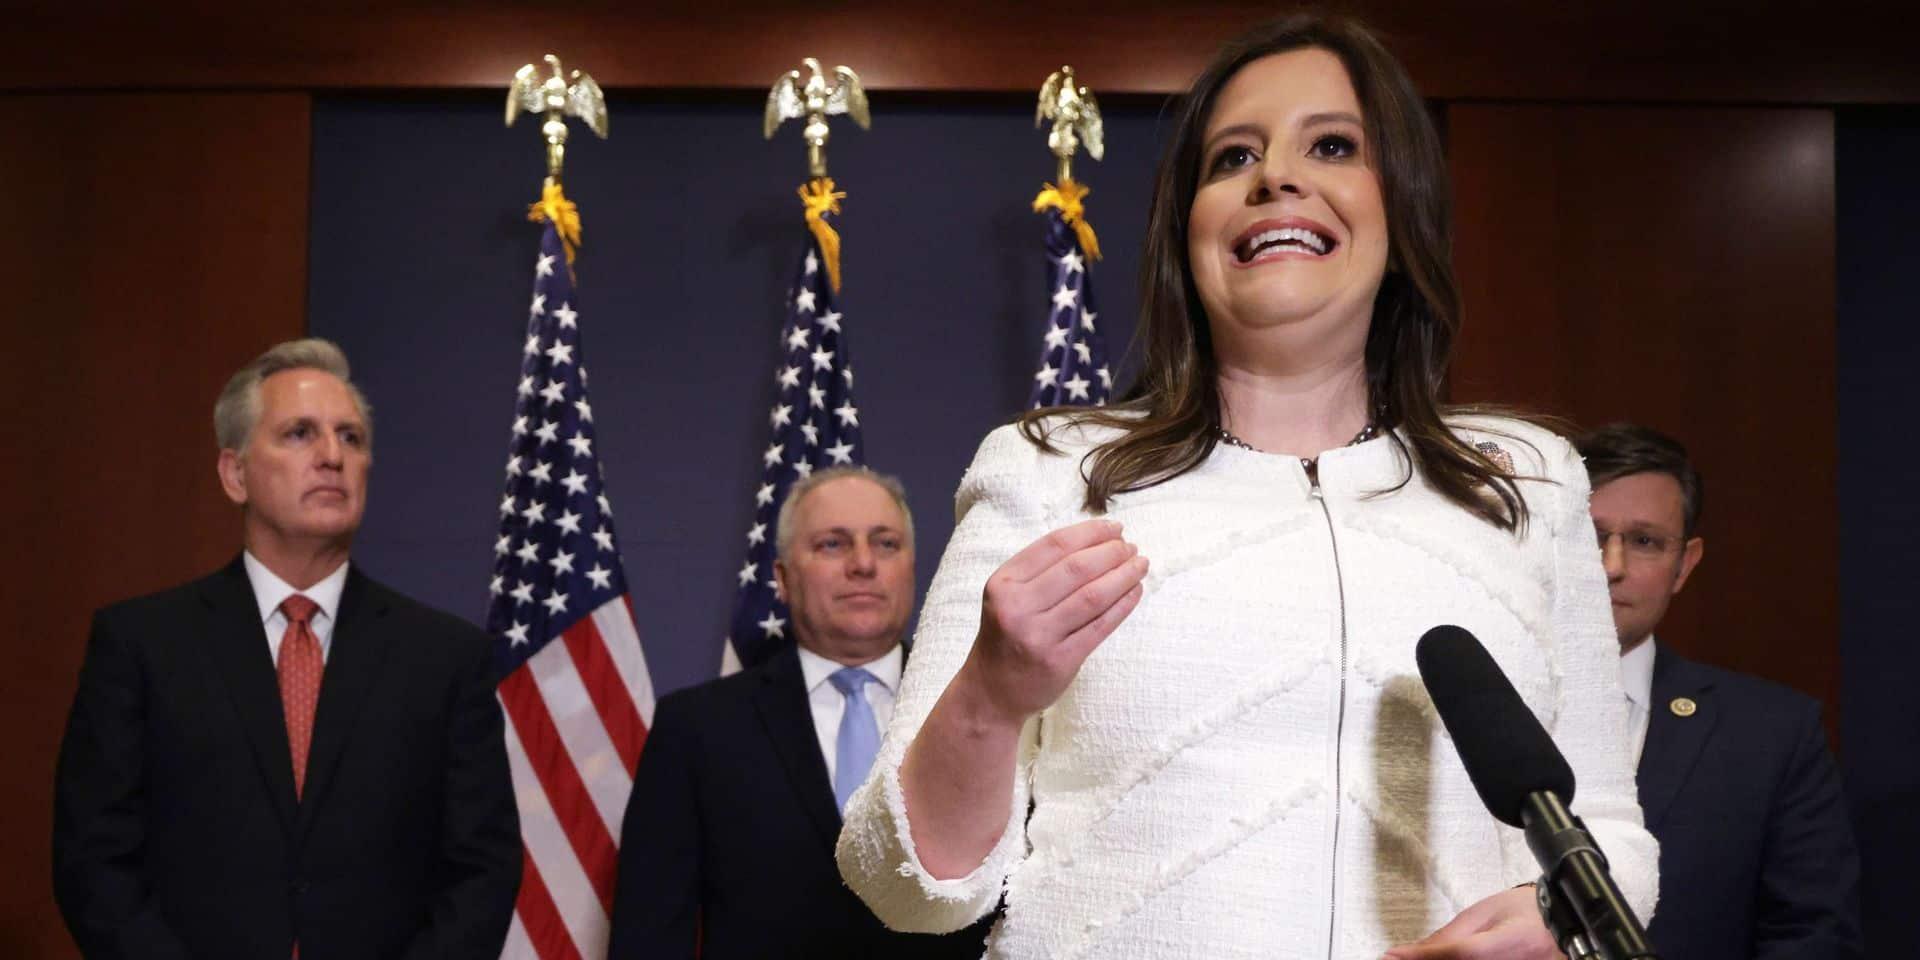 Une jeune pro-Trump entre dans la hiérarchie républicaine au Congrès américain